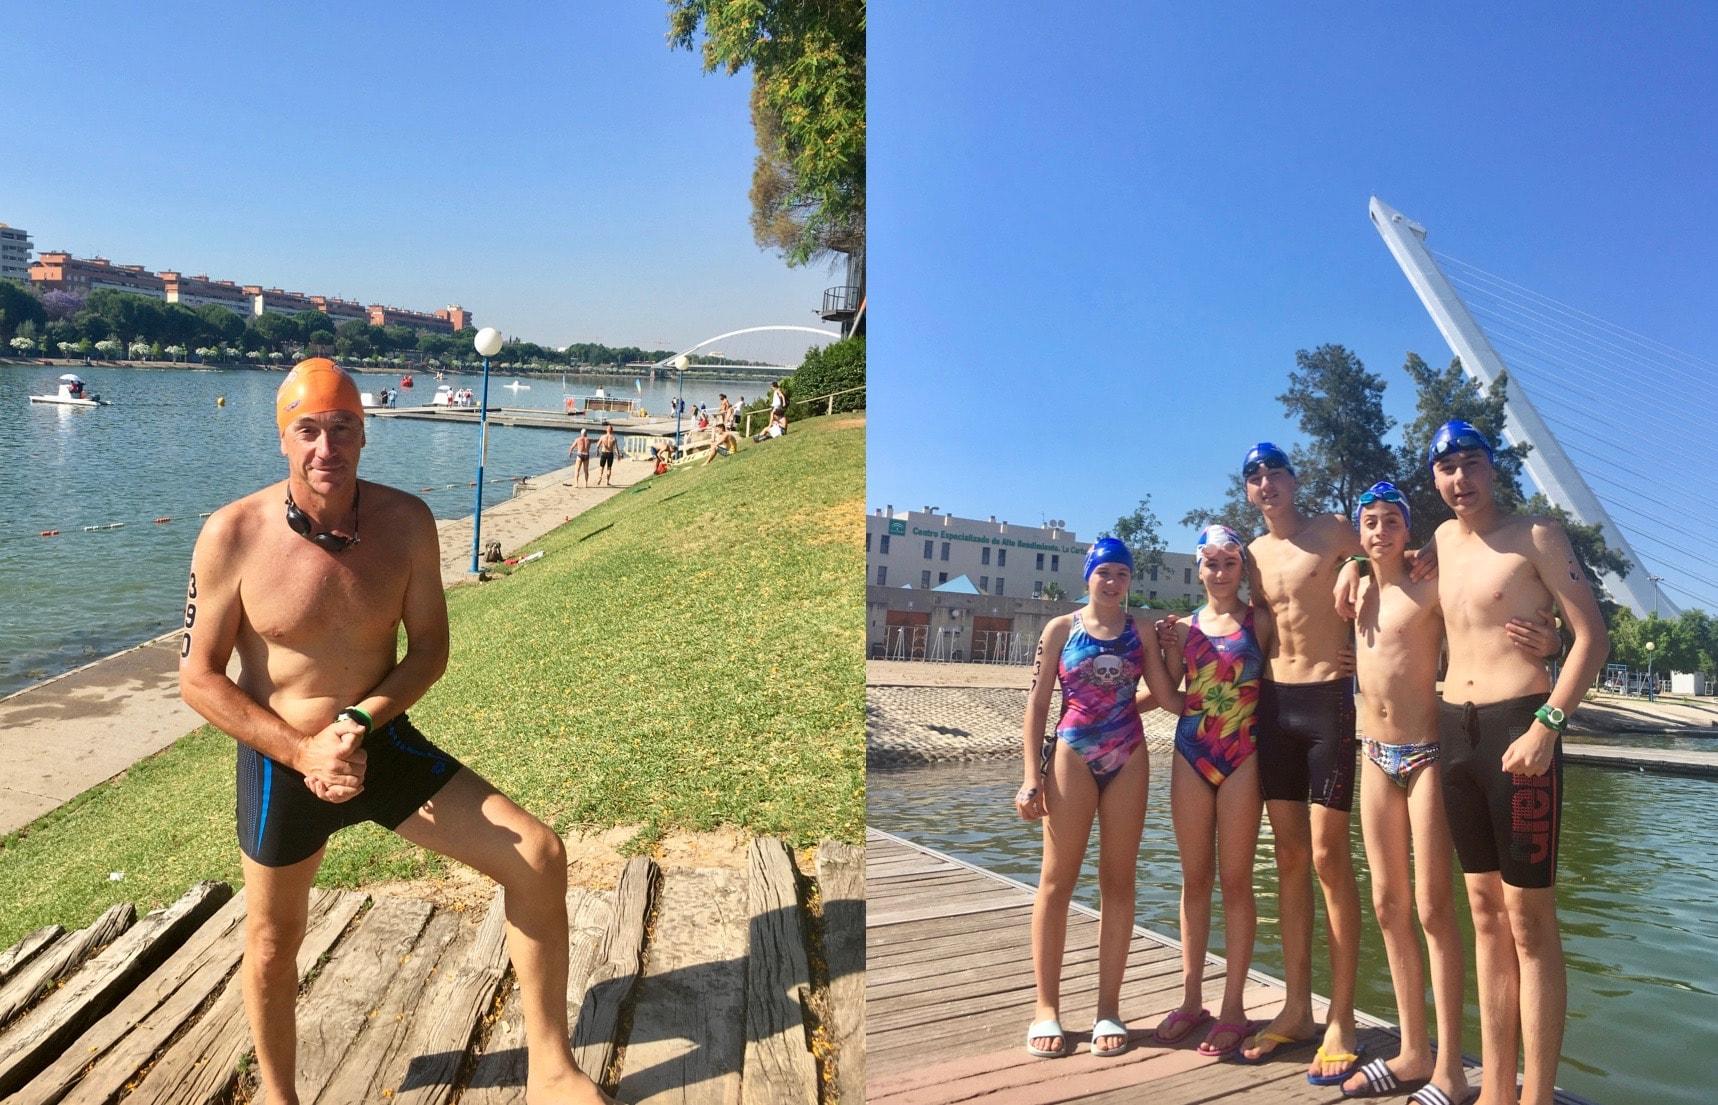 El Club Natación Marbella participa con éxito en diversas competiciones